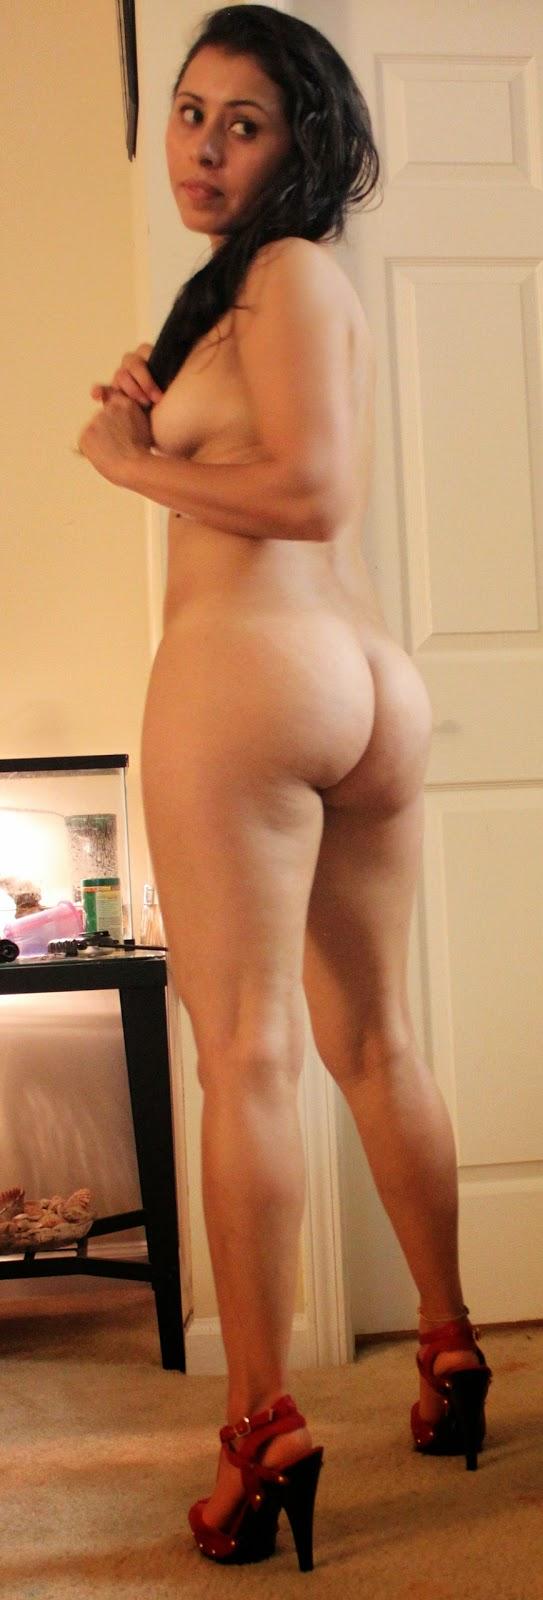 Fotos f chicas desnudas gratis